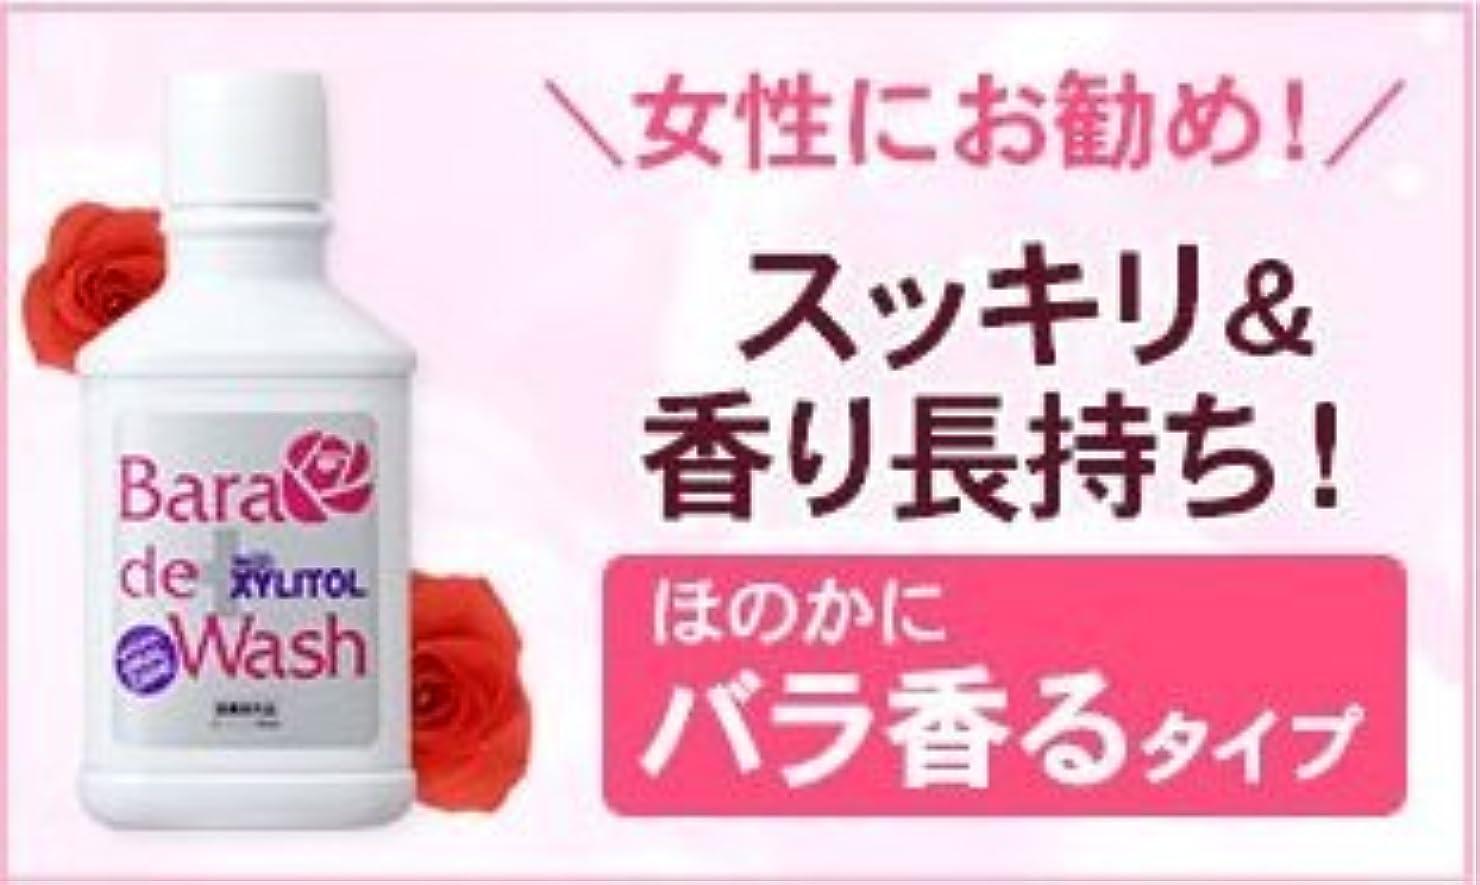 唯一財布ケープ薬用バラデウォッシュ 500ml 口臭予防 歯磨きの後にお勧め ナタデ ウォッシュ